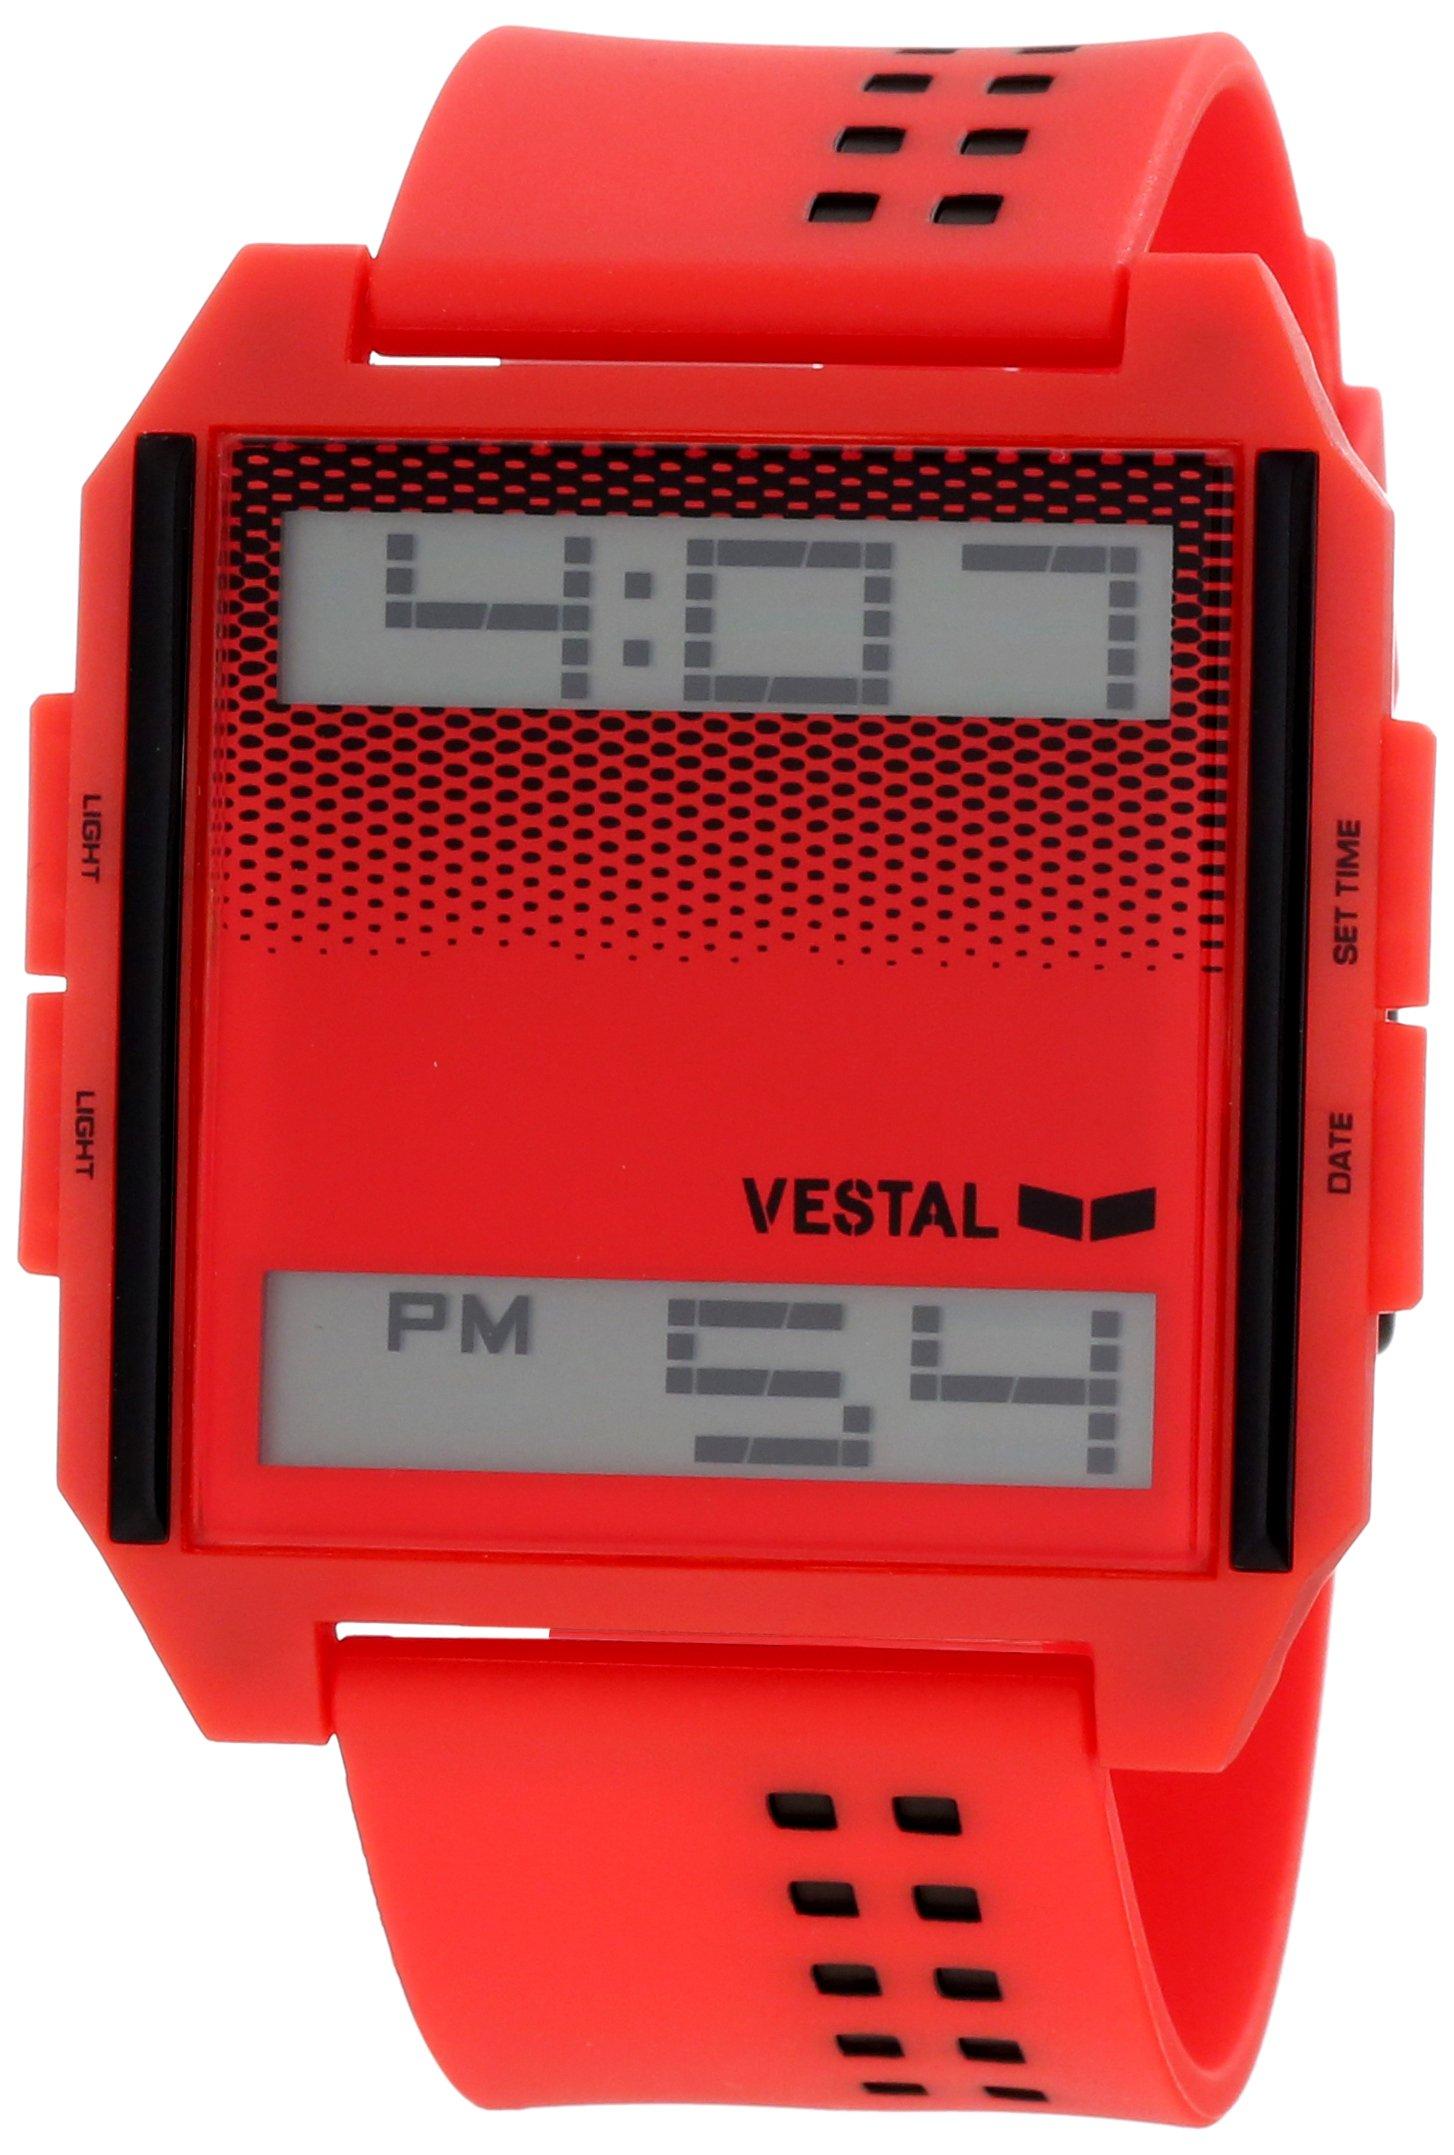 Vestal Unisex DIG023 Digichord Ultra Thin Red Digital Watch